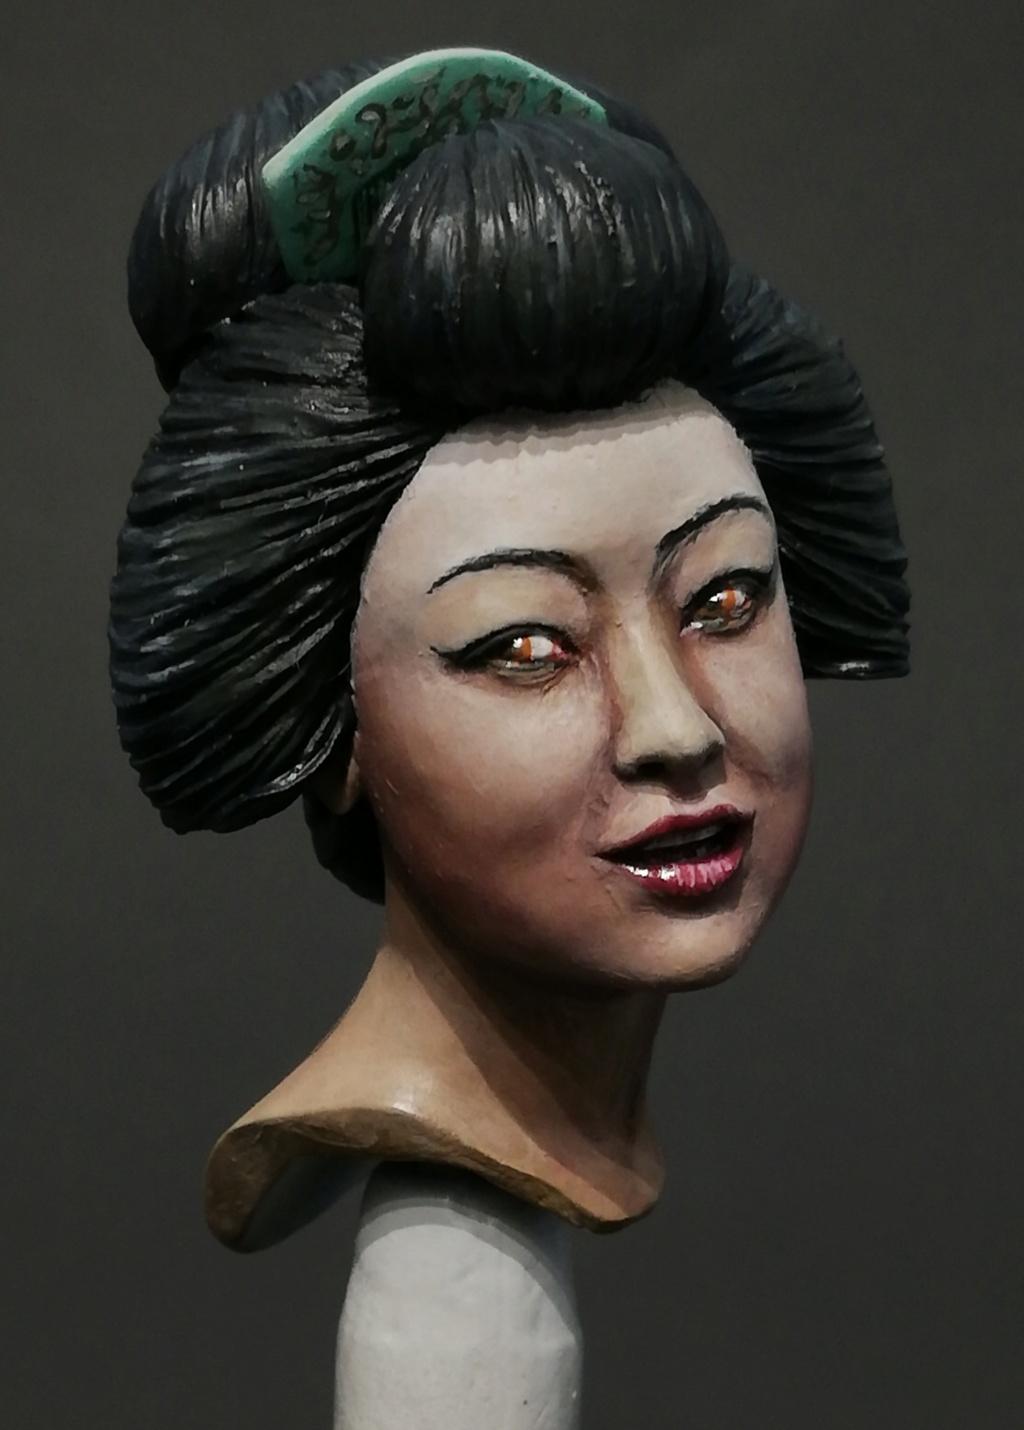 Buste de Geisha terminée - Dernières photos Geisha21